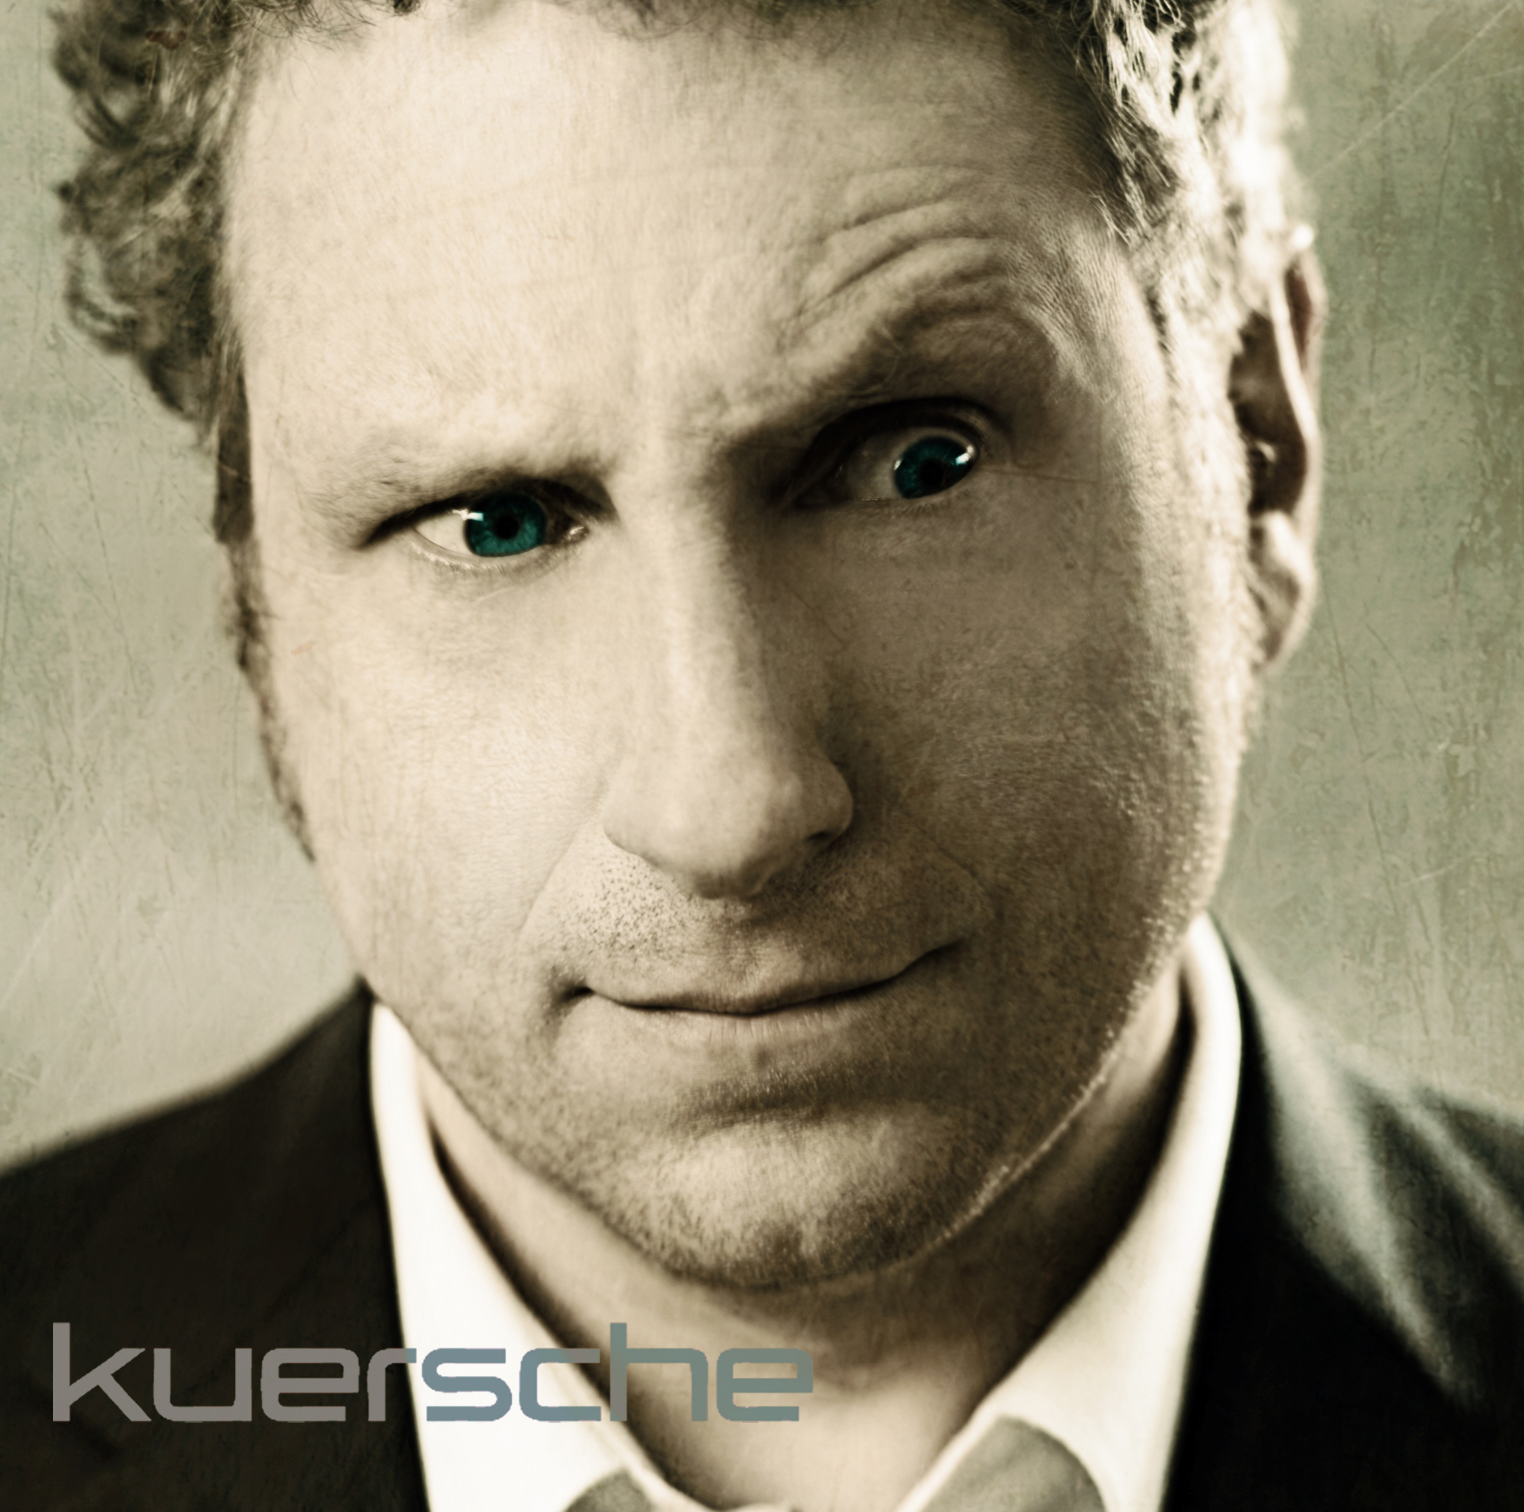 http://www.kuersche.de/wp-content/uploads/2012/02/kuersche_cover_Kuersche.jpg